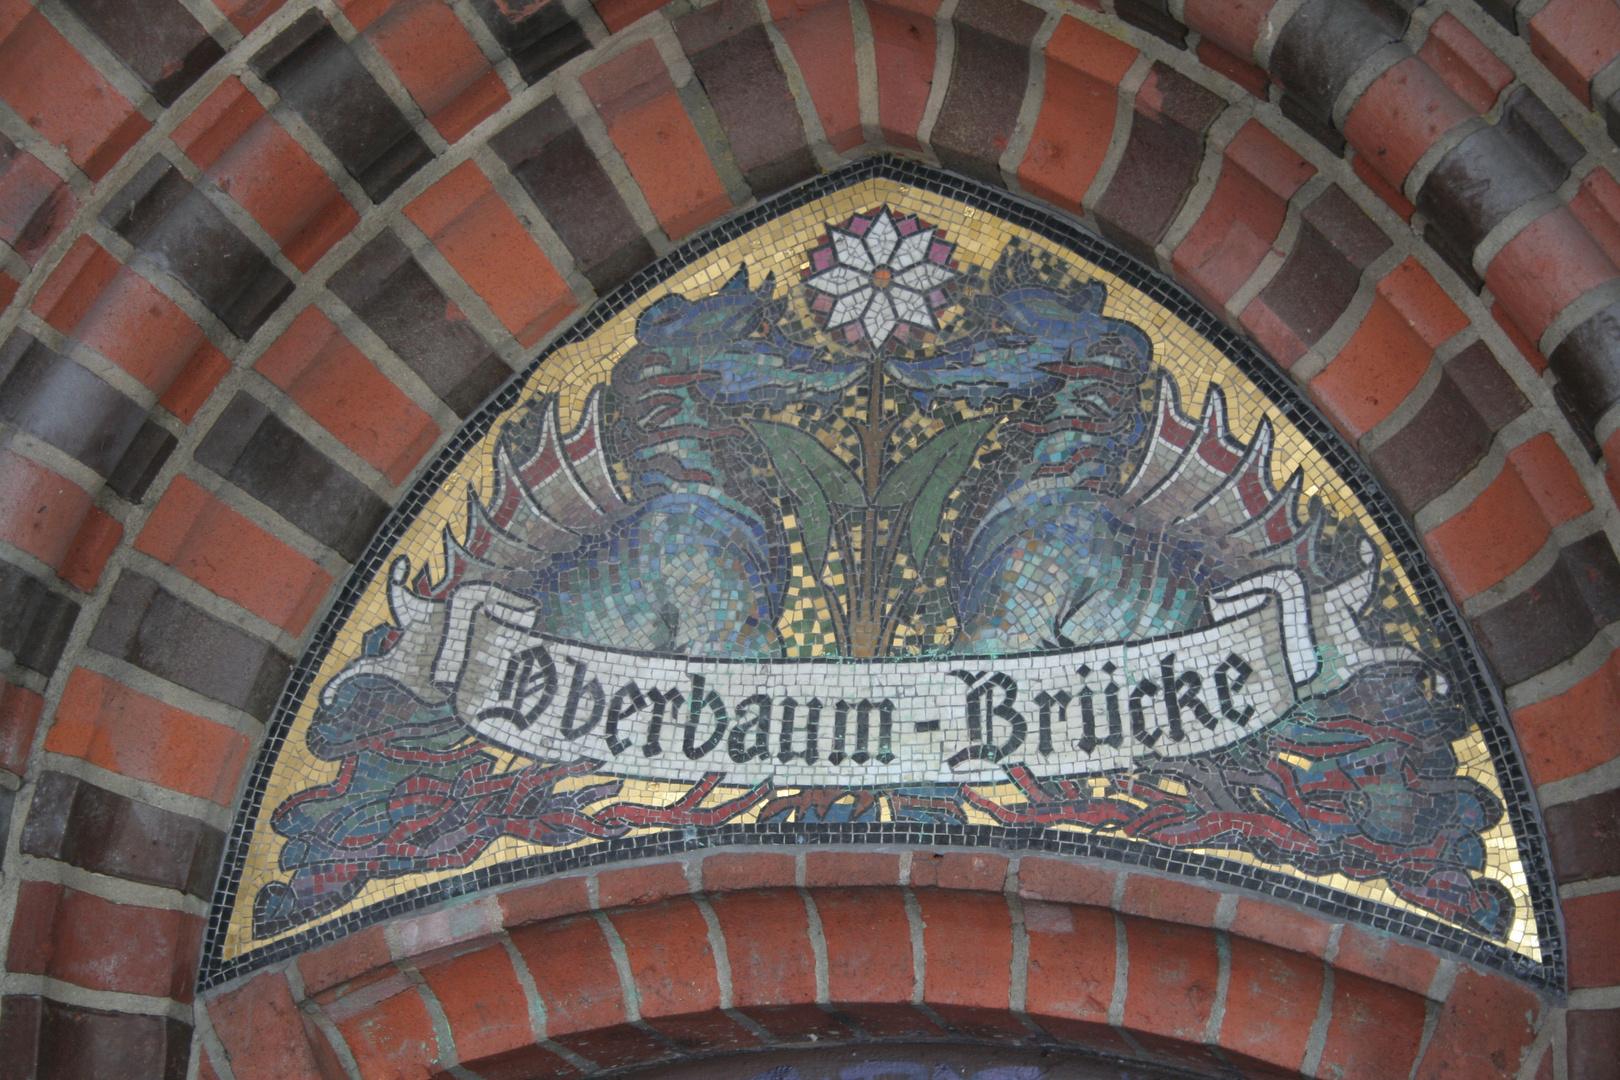 Oberbaum-Brücke Berlin